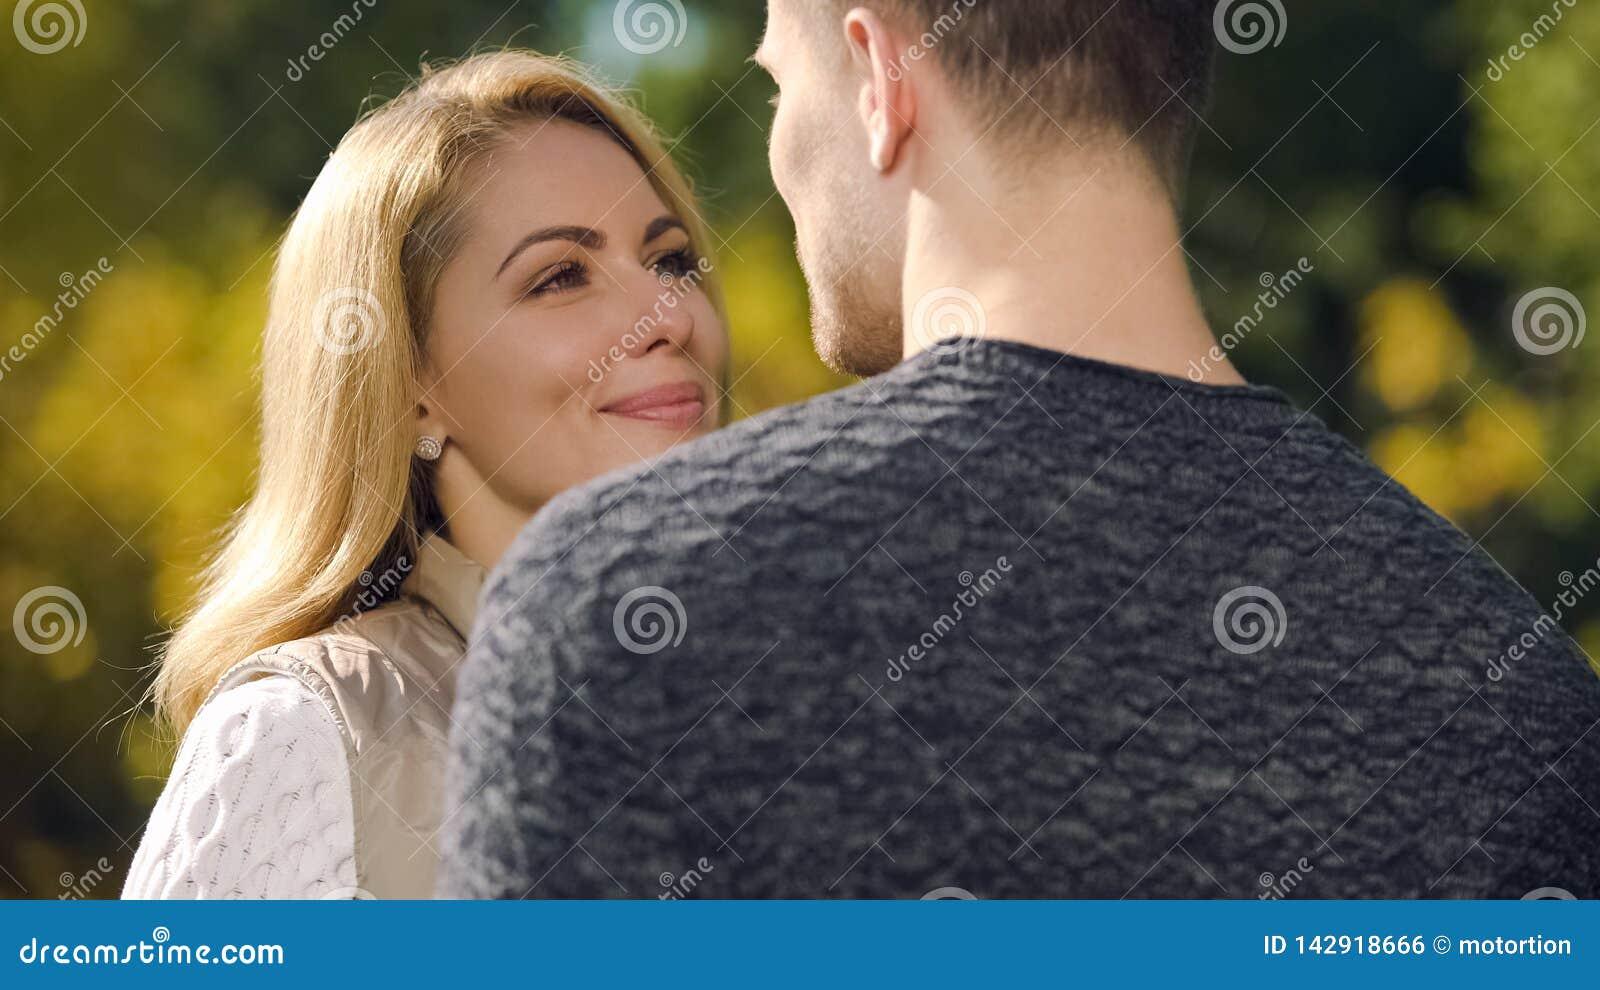 agence de rencontre zouk sites rencontre couple